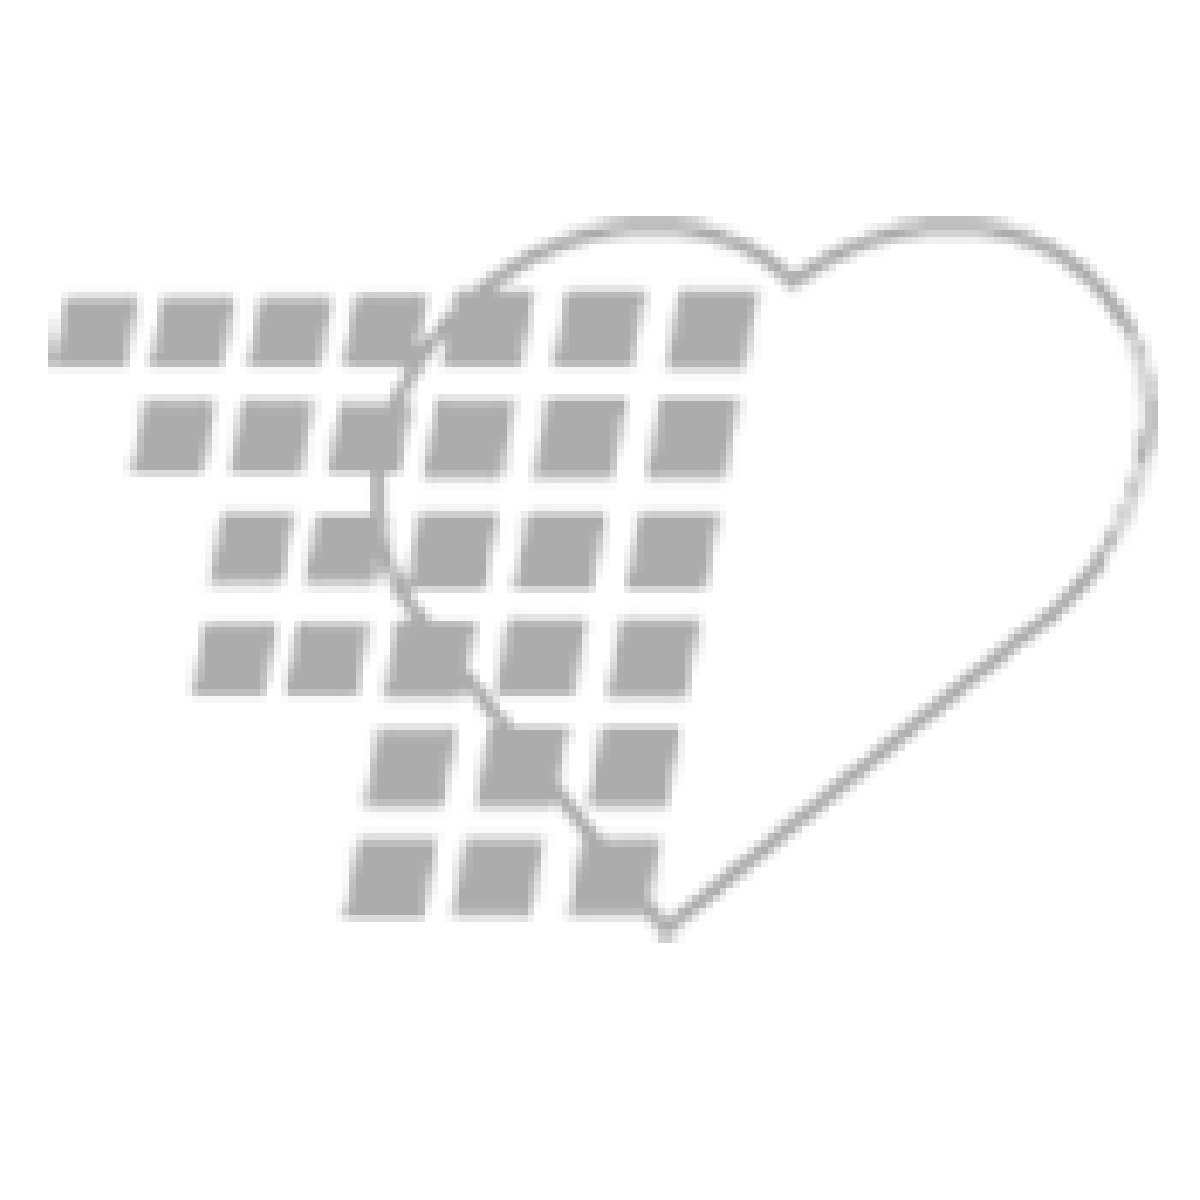 06-74-7015 Pill Cutter